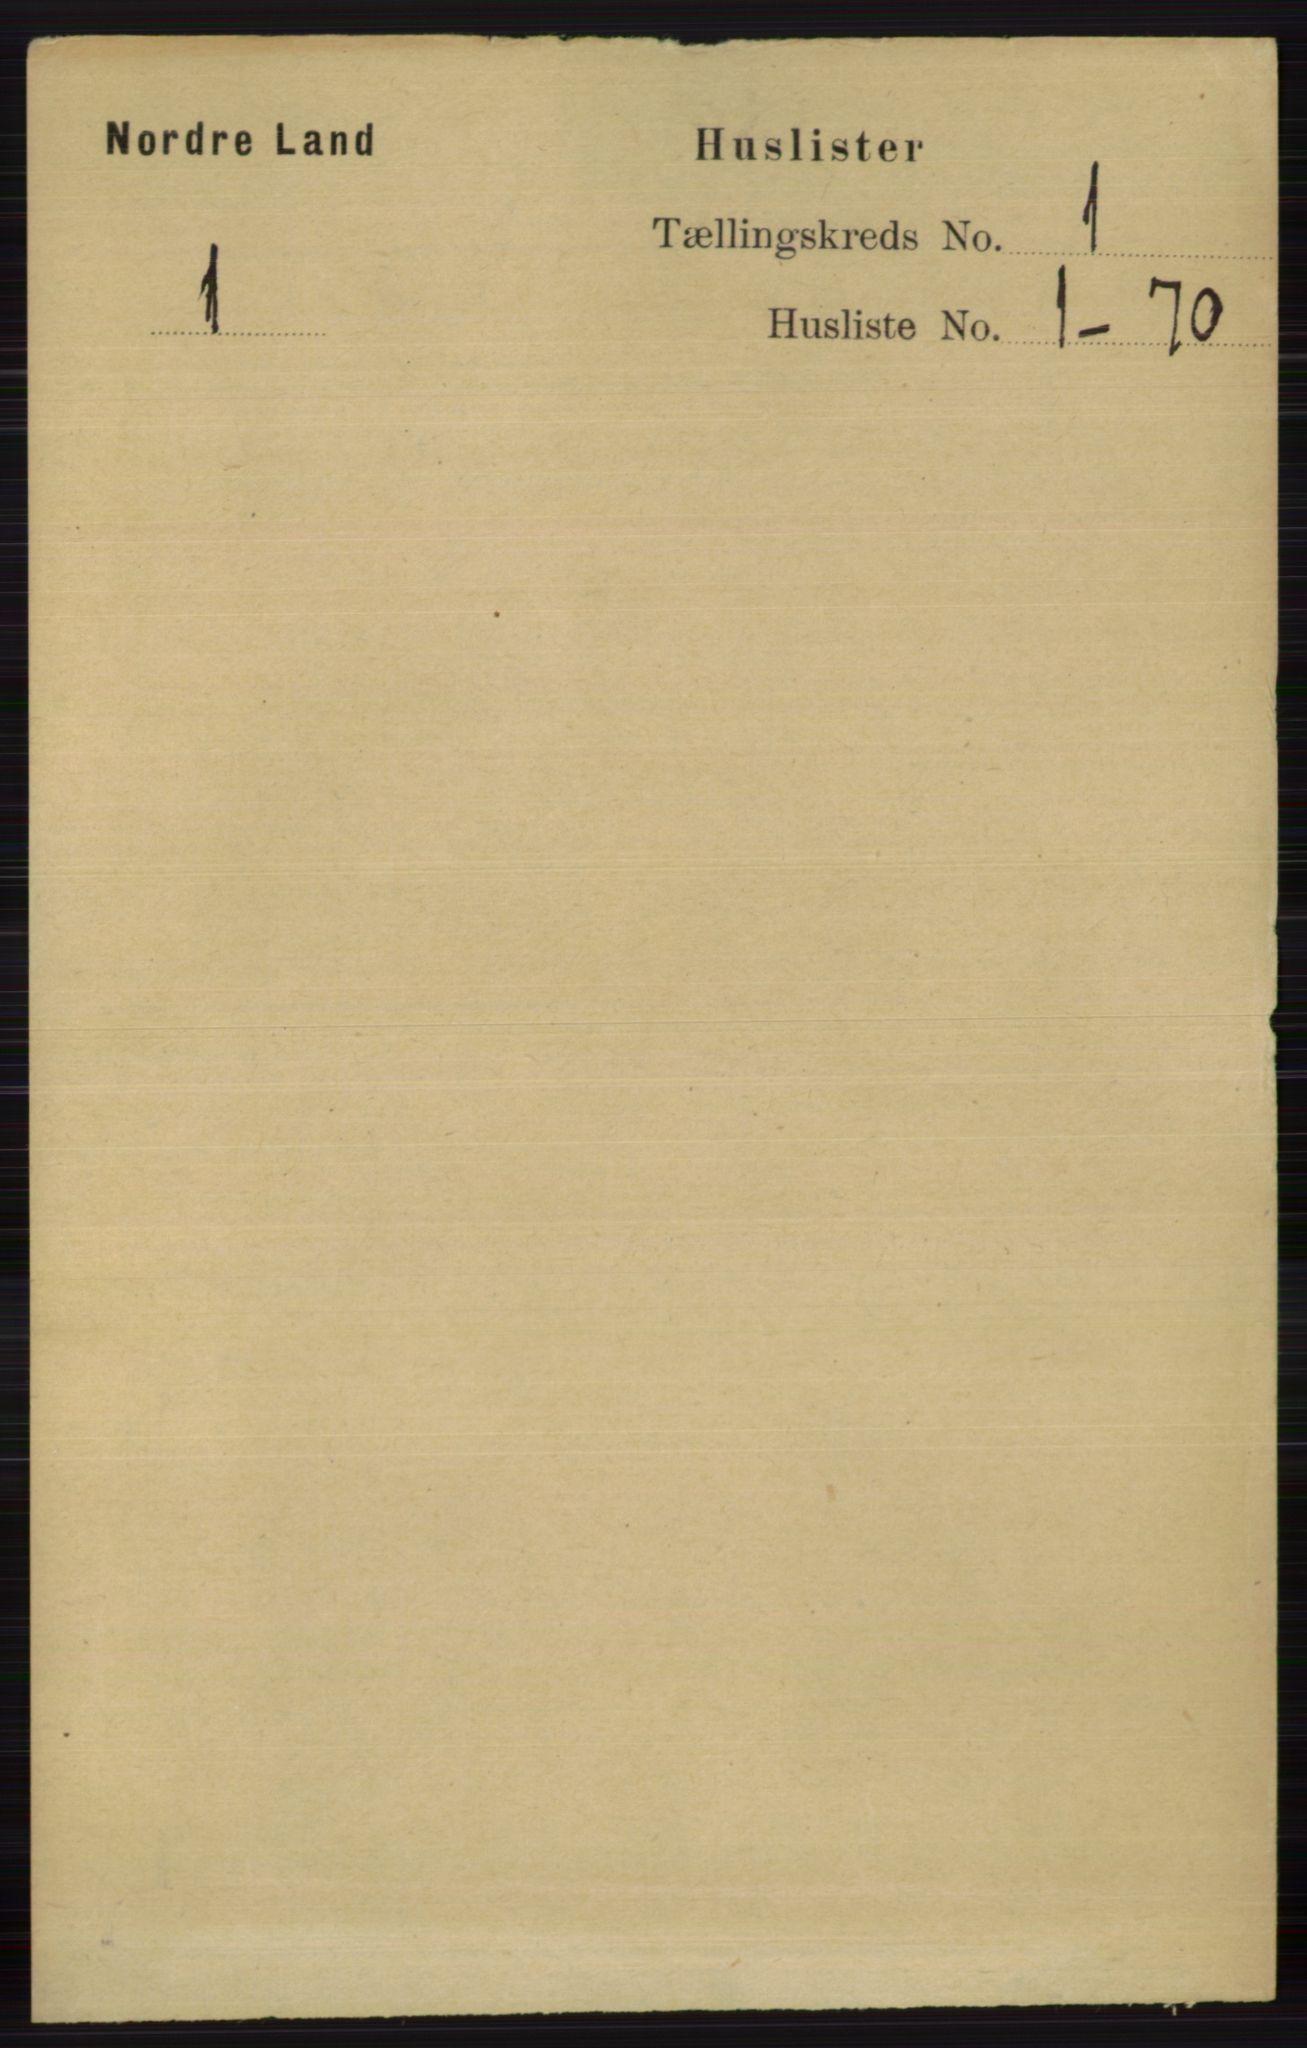 RA, Folketelling 1891 for 0538 Nordre Land herred, 1891, s. 47